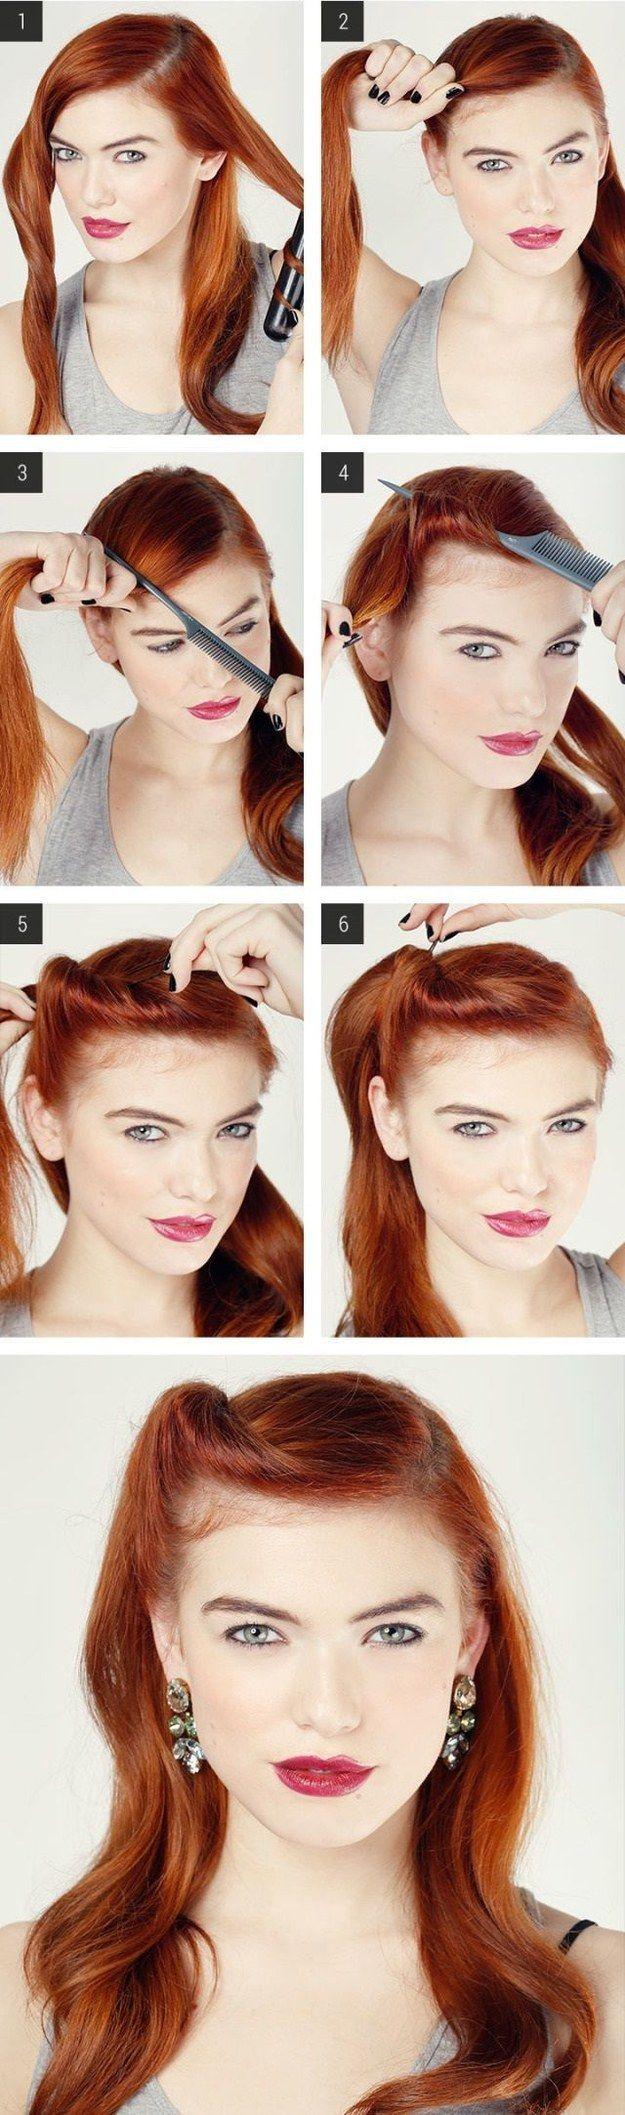 Inspírate en el look de las pin ups. | 17 Peinados sencillos para dominar tu cabello